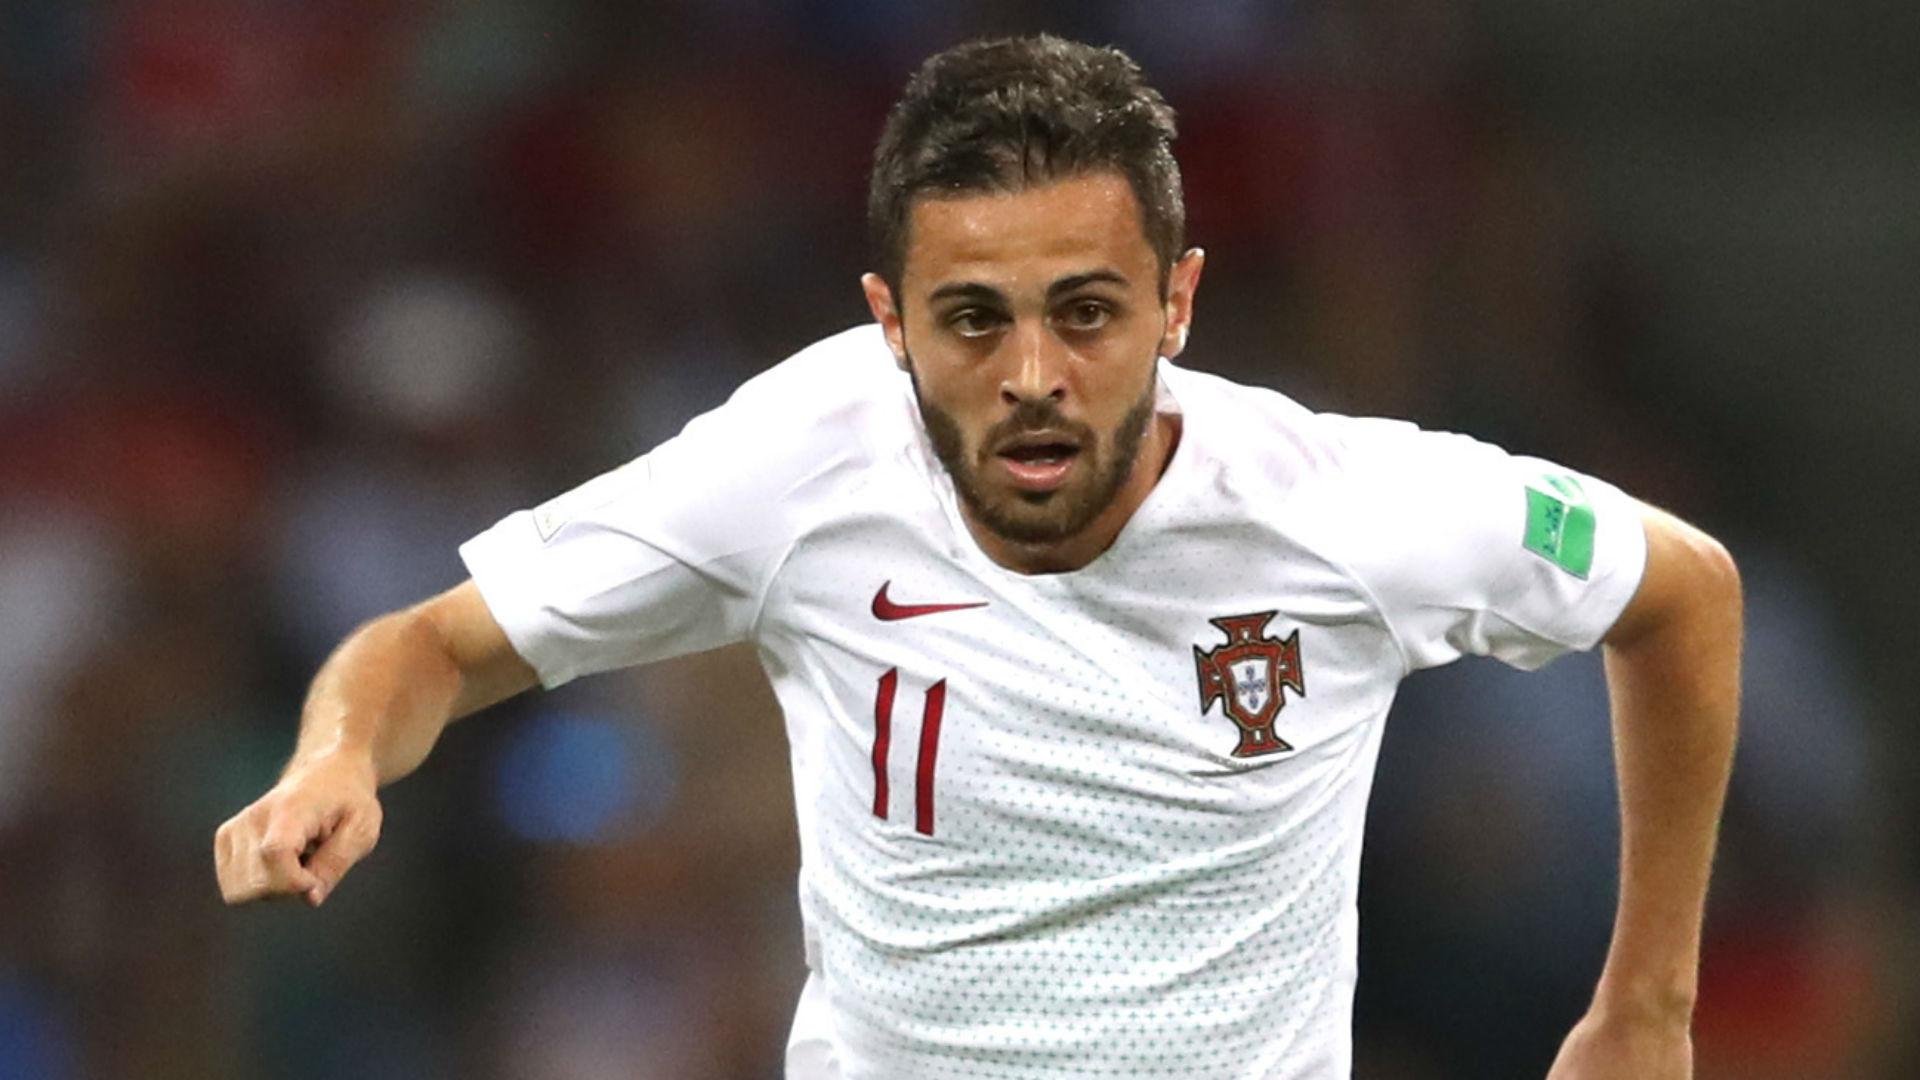 Silva revels in Portugal triumph